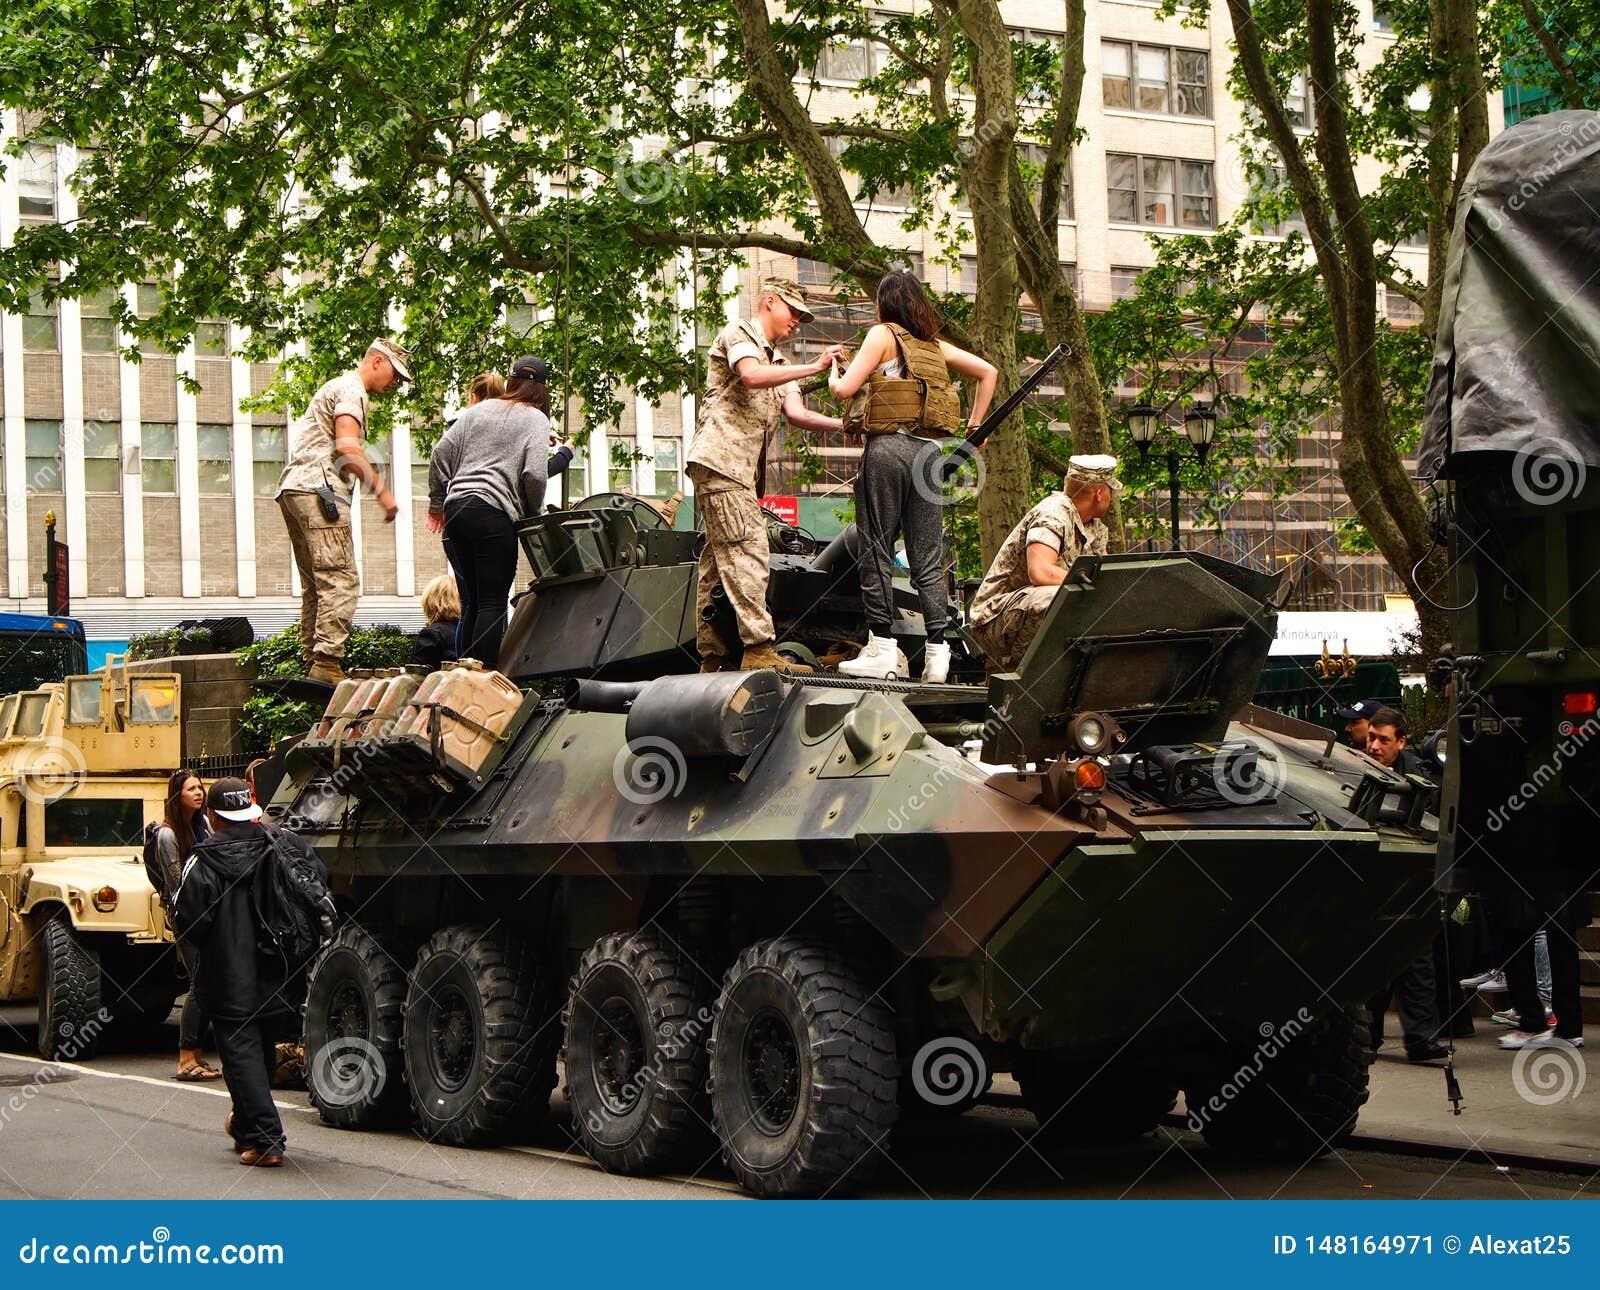 Морские пехотинцы Нью-Йорка - Соединенных Штатов, США на военном танке припаркованном на улице во время демонстрации для публики